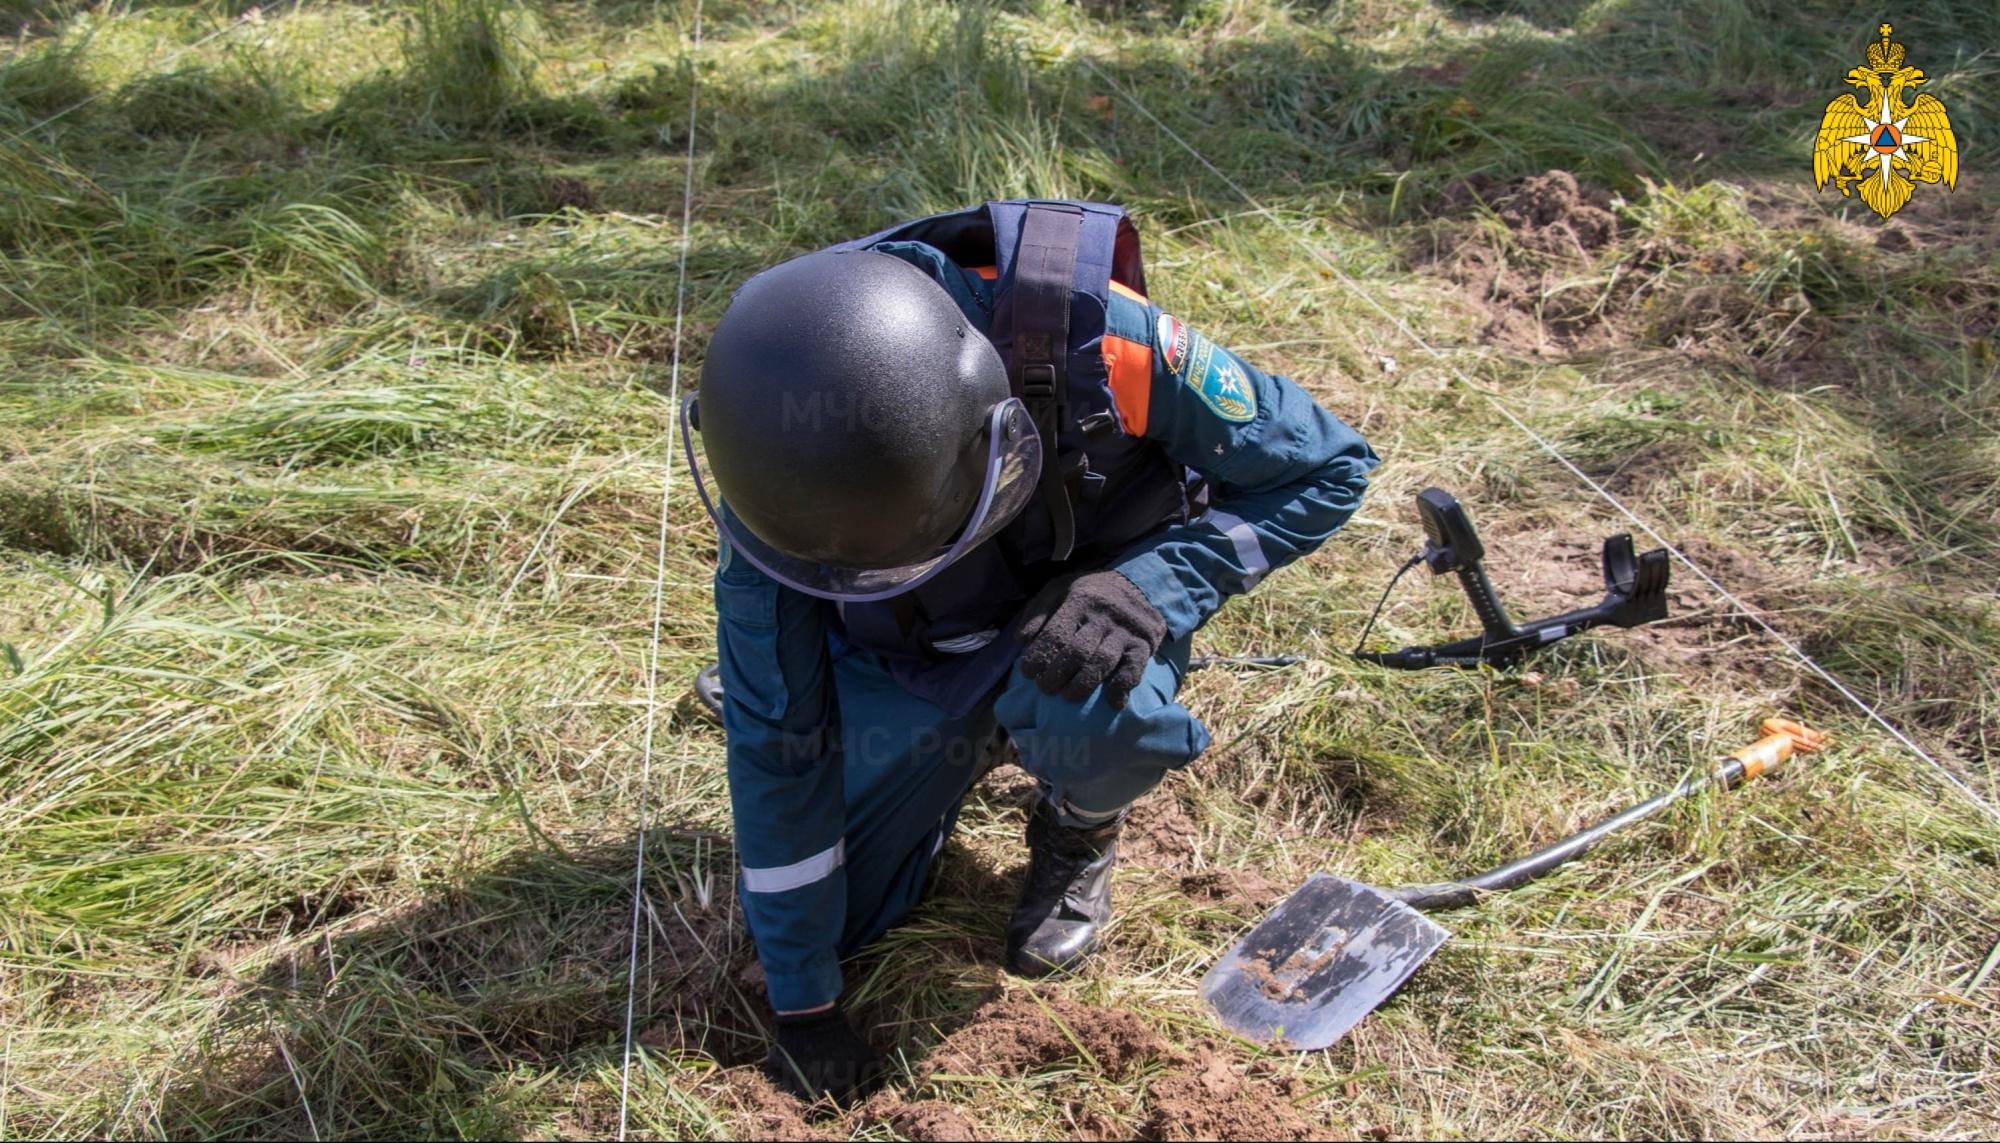 24 миномётные мины и 4 гранаты нашли в Тверской области